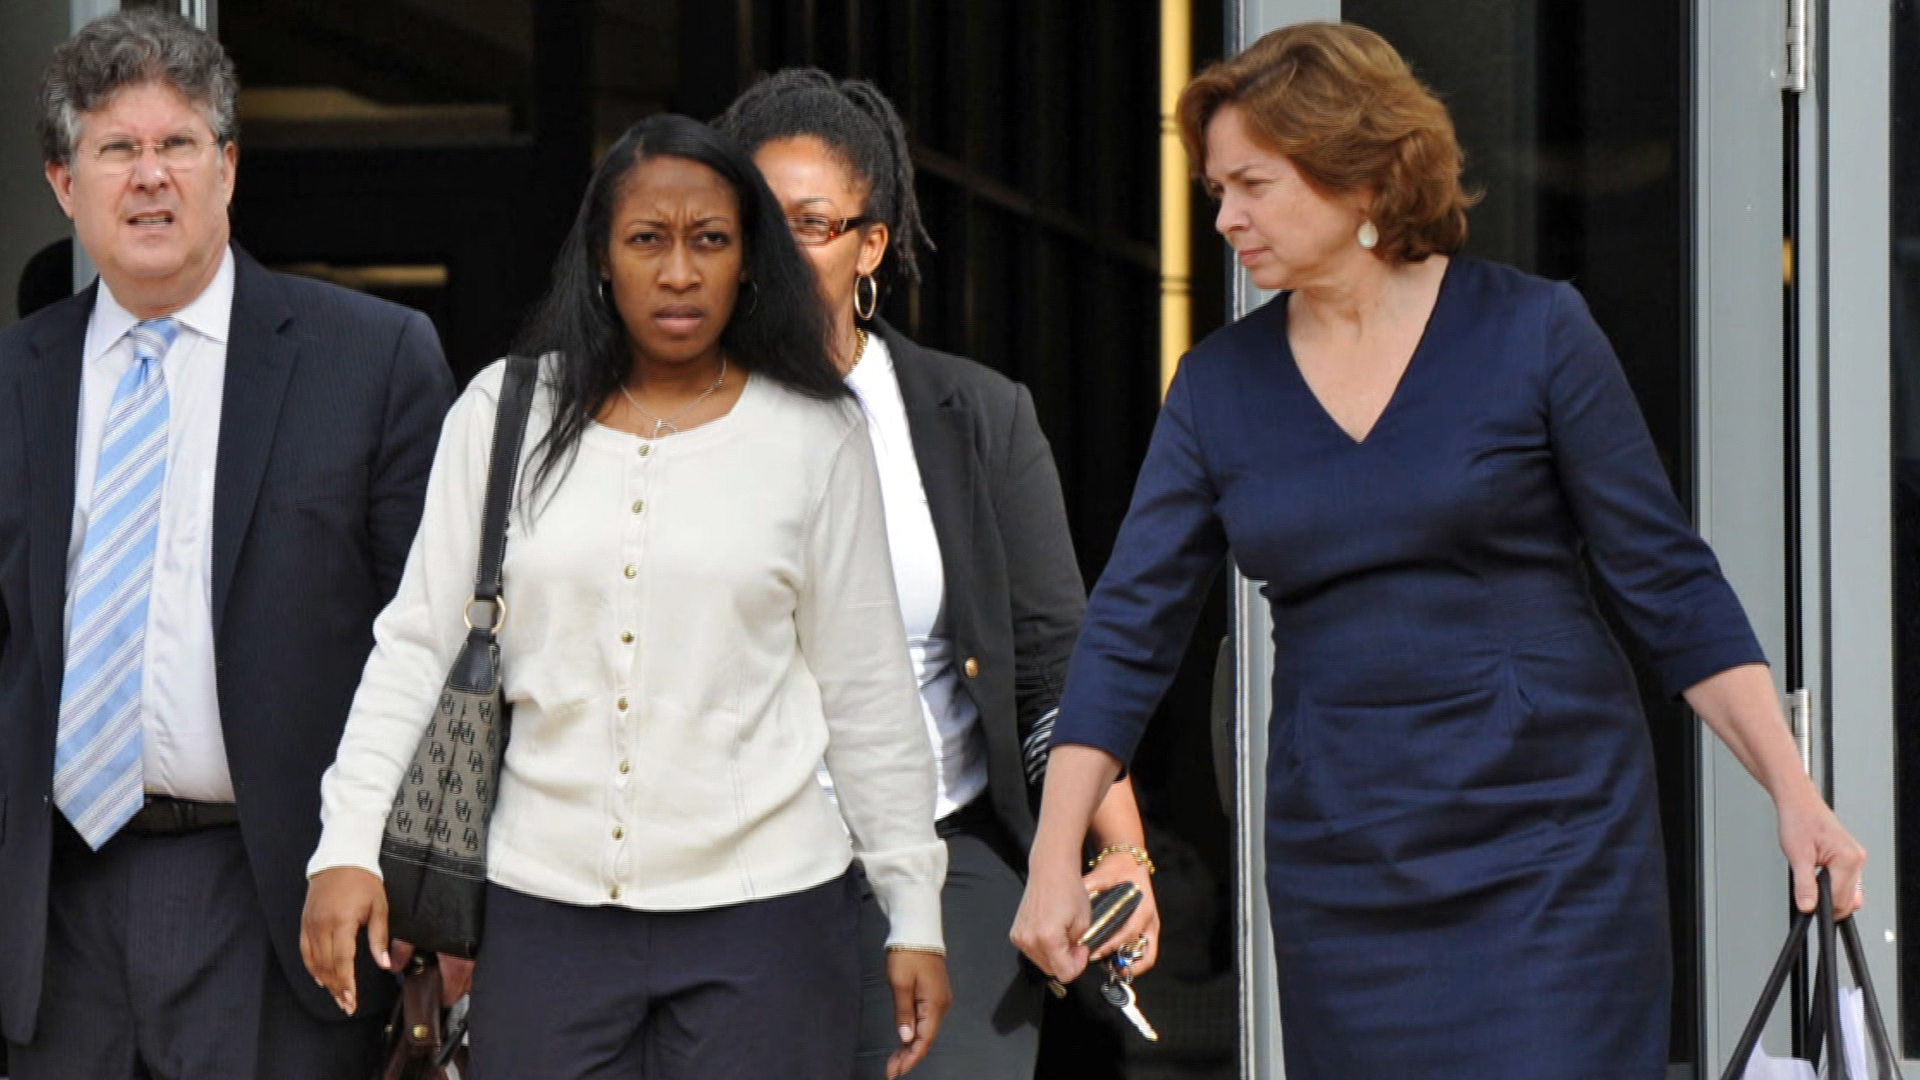 Marissa Alexander could face hefty sentence